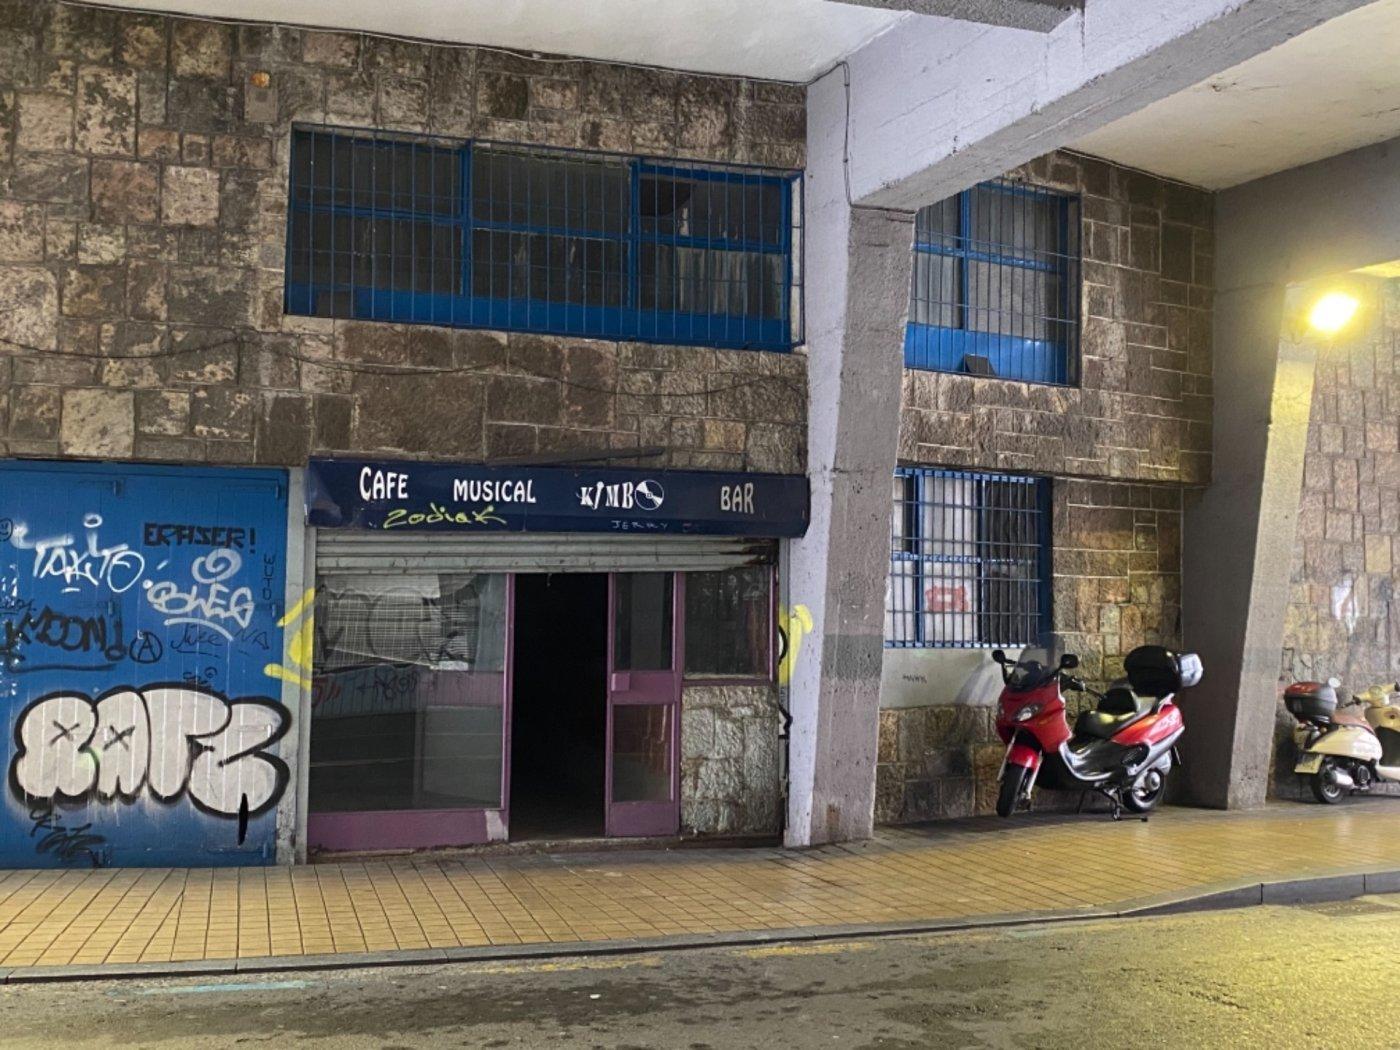 Avenida constitución - manuel llaneza - imagenInmueble0